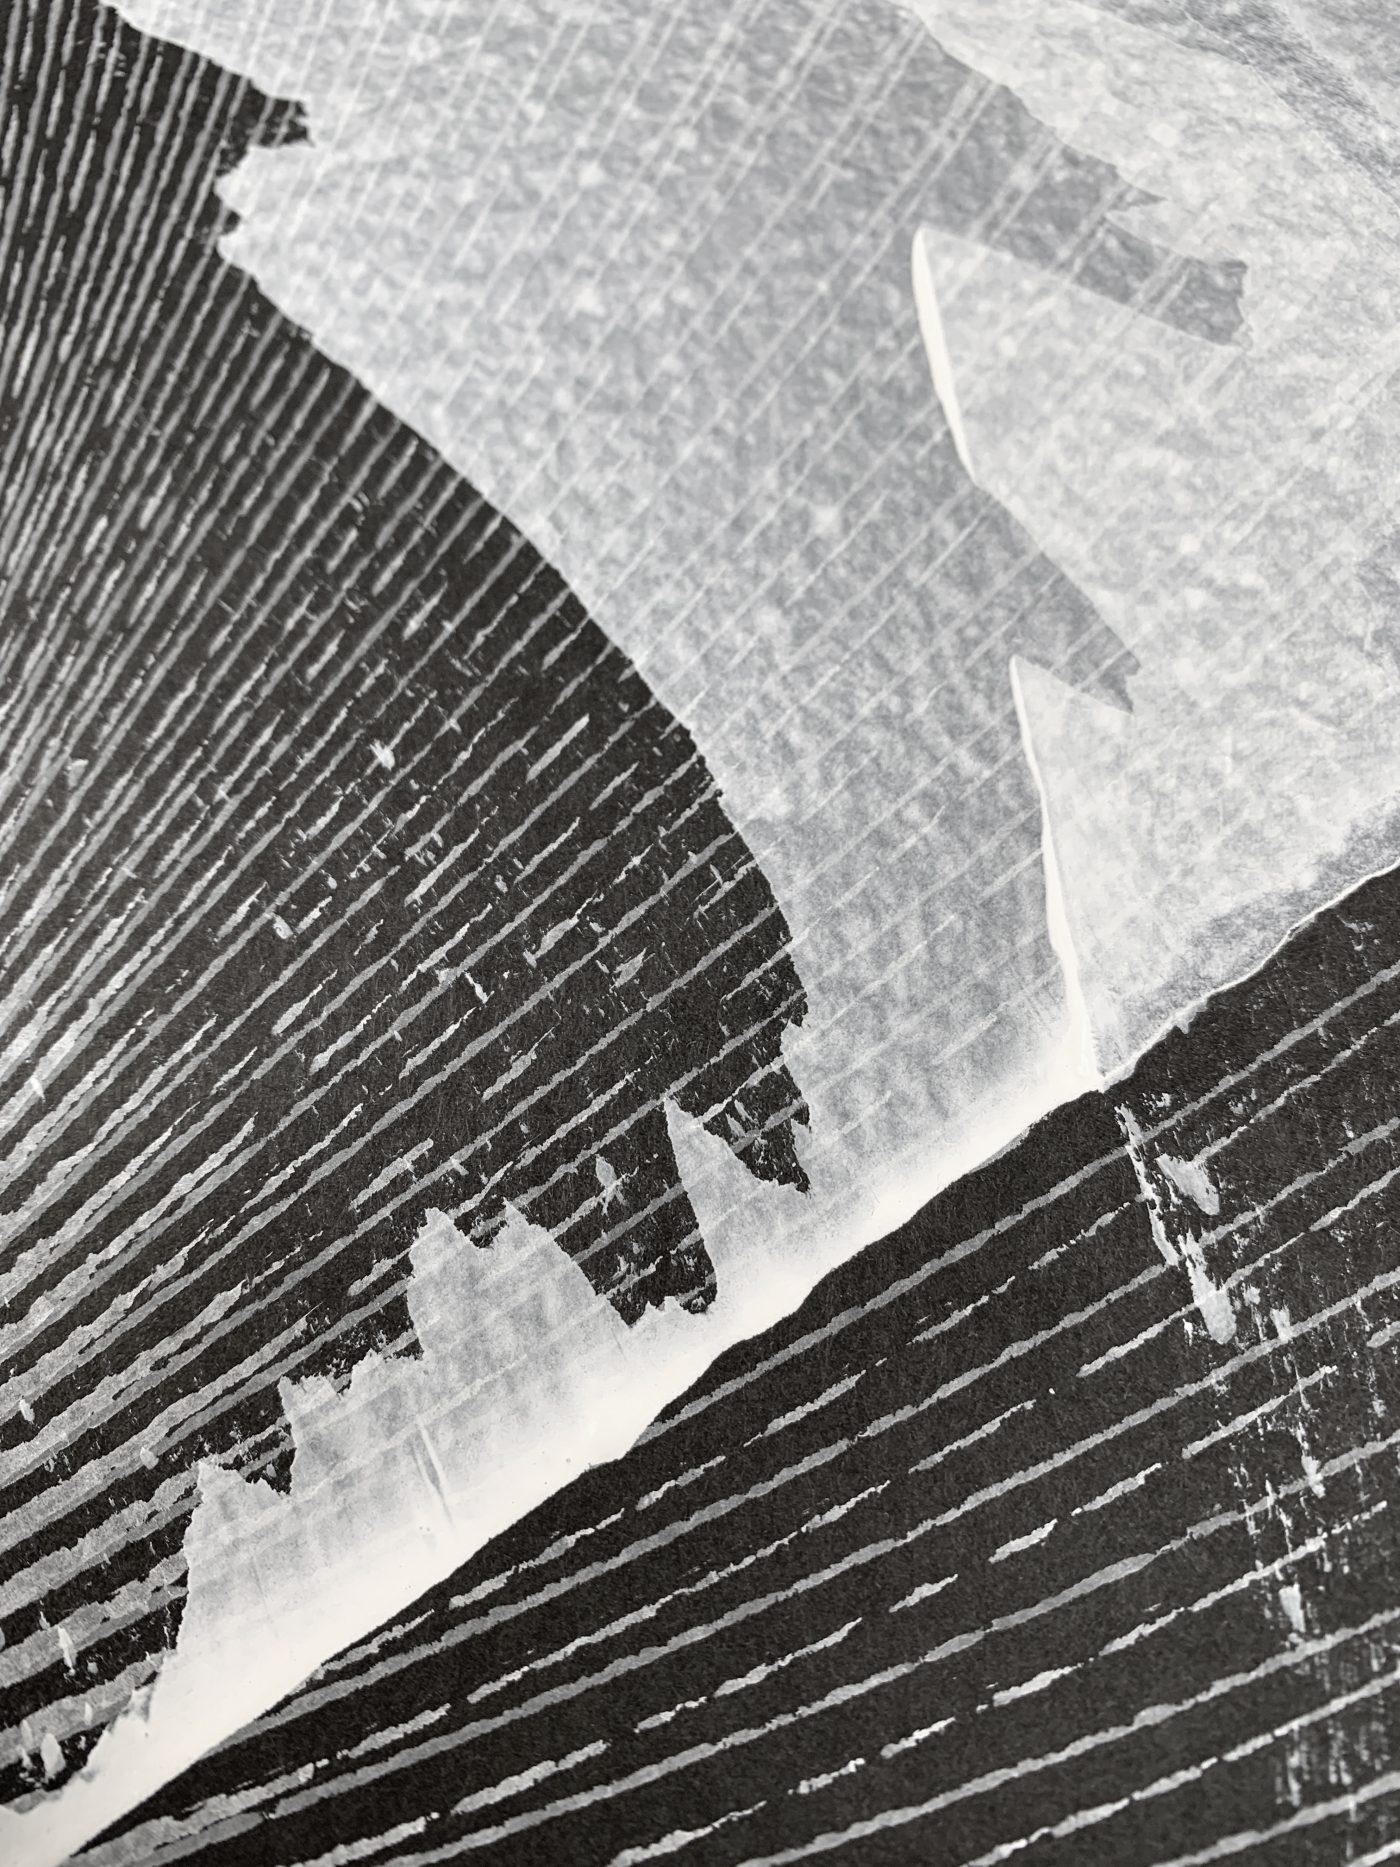 x409 - 12 Feb 2021